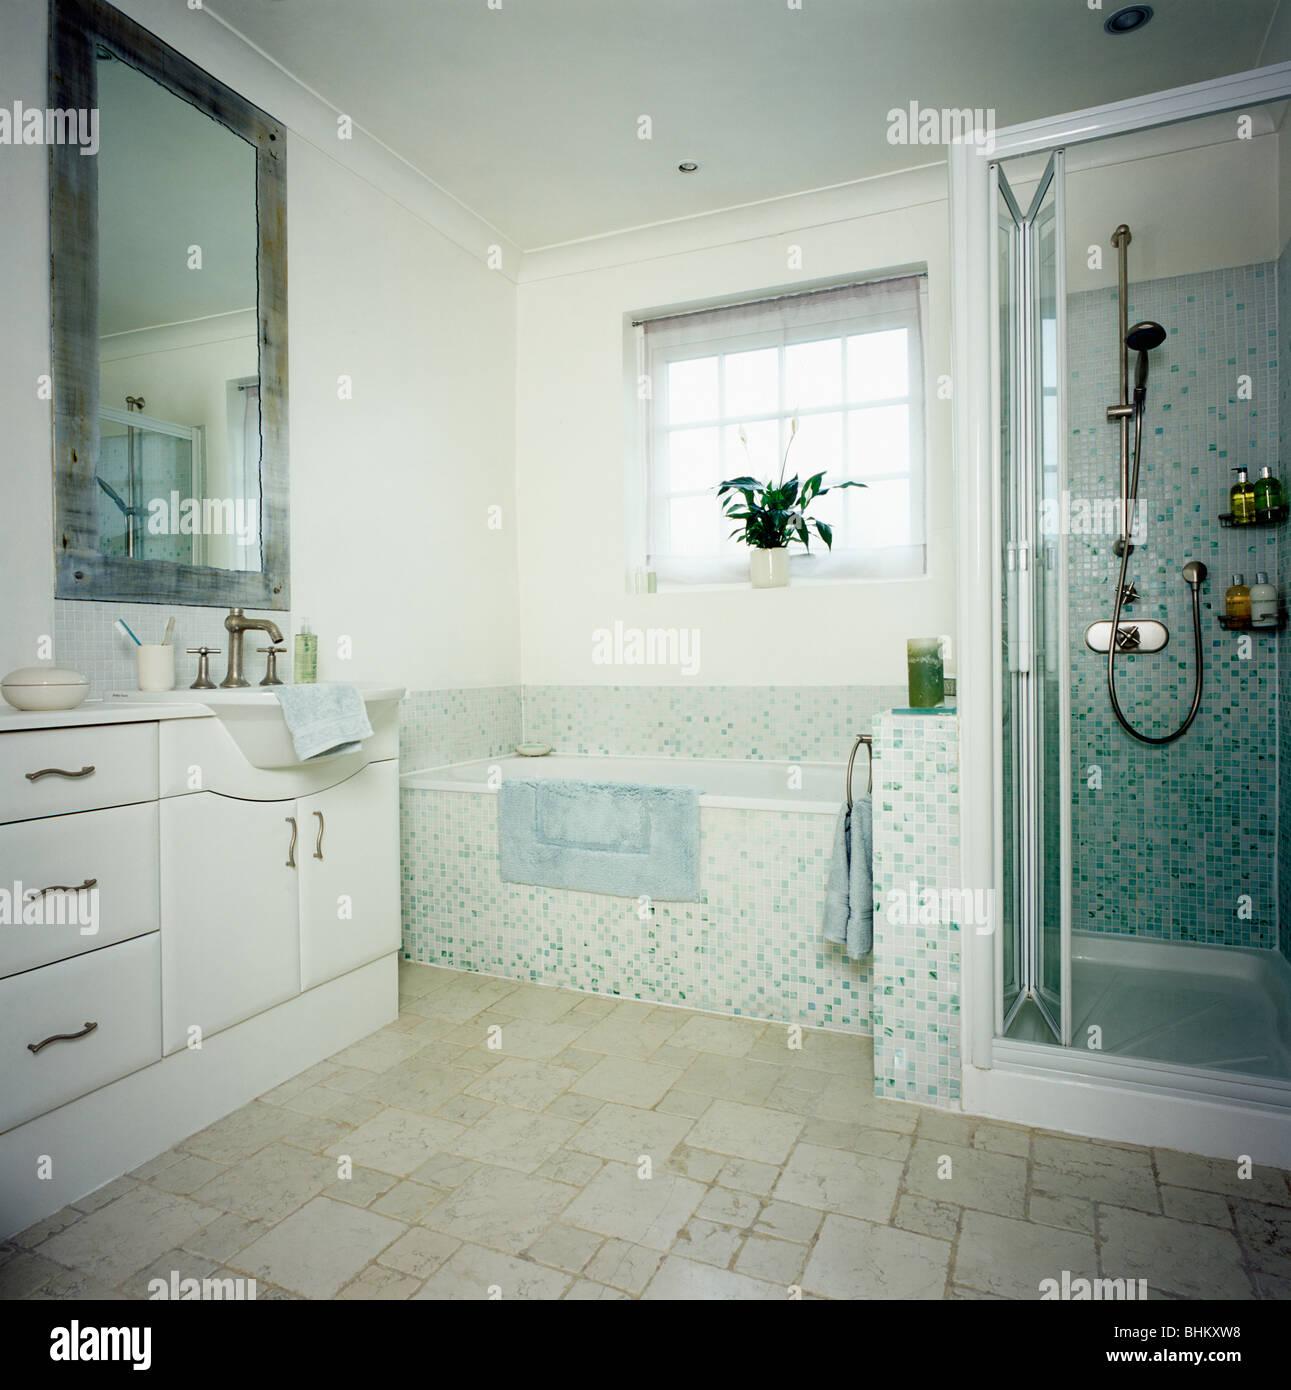 Wundervoll Bad Bodenbelag Galerie Von Mosaik Gefliesten Im Modernen Weißen Badezimmer Mit